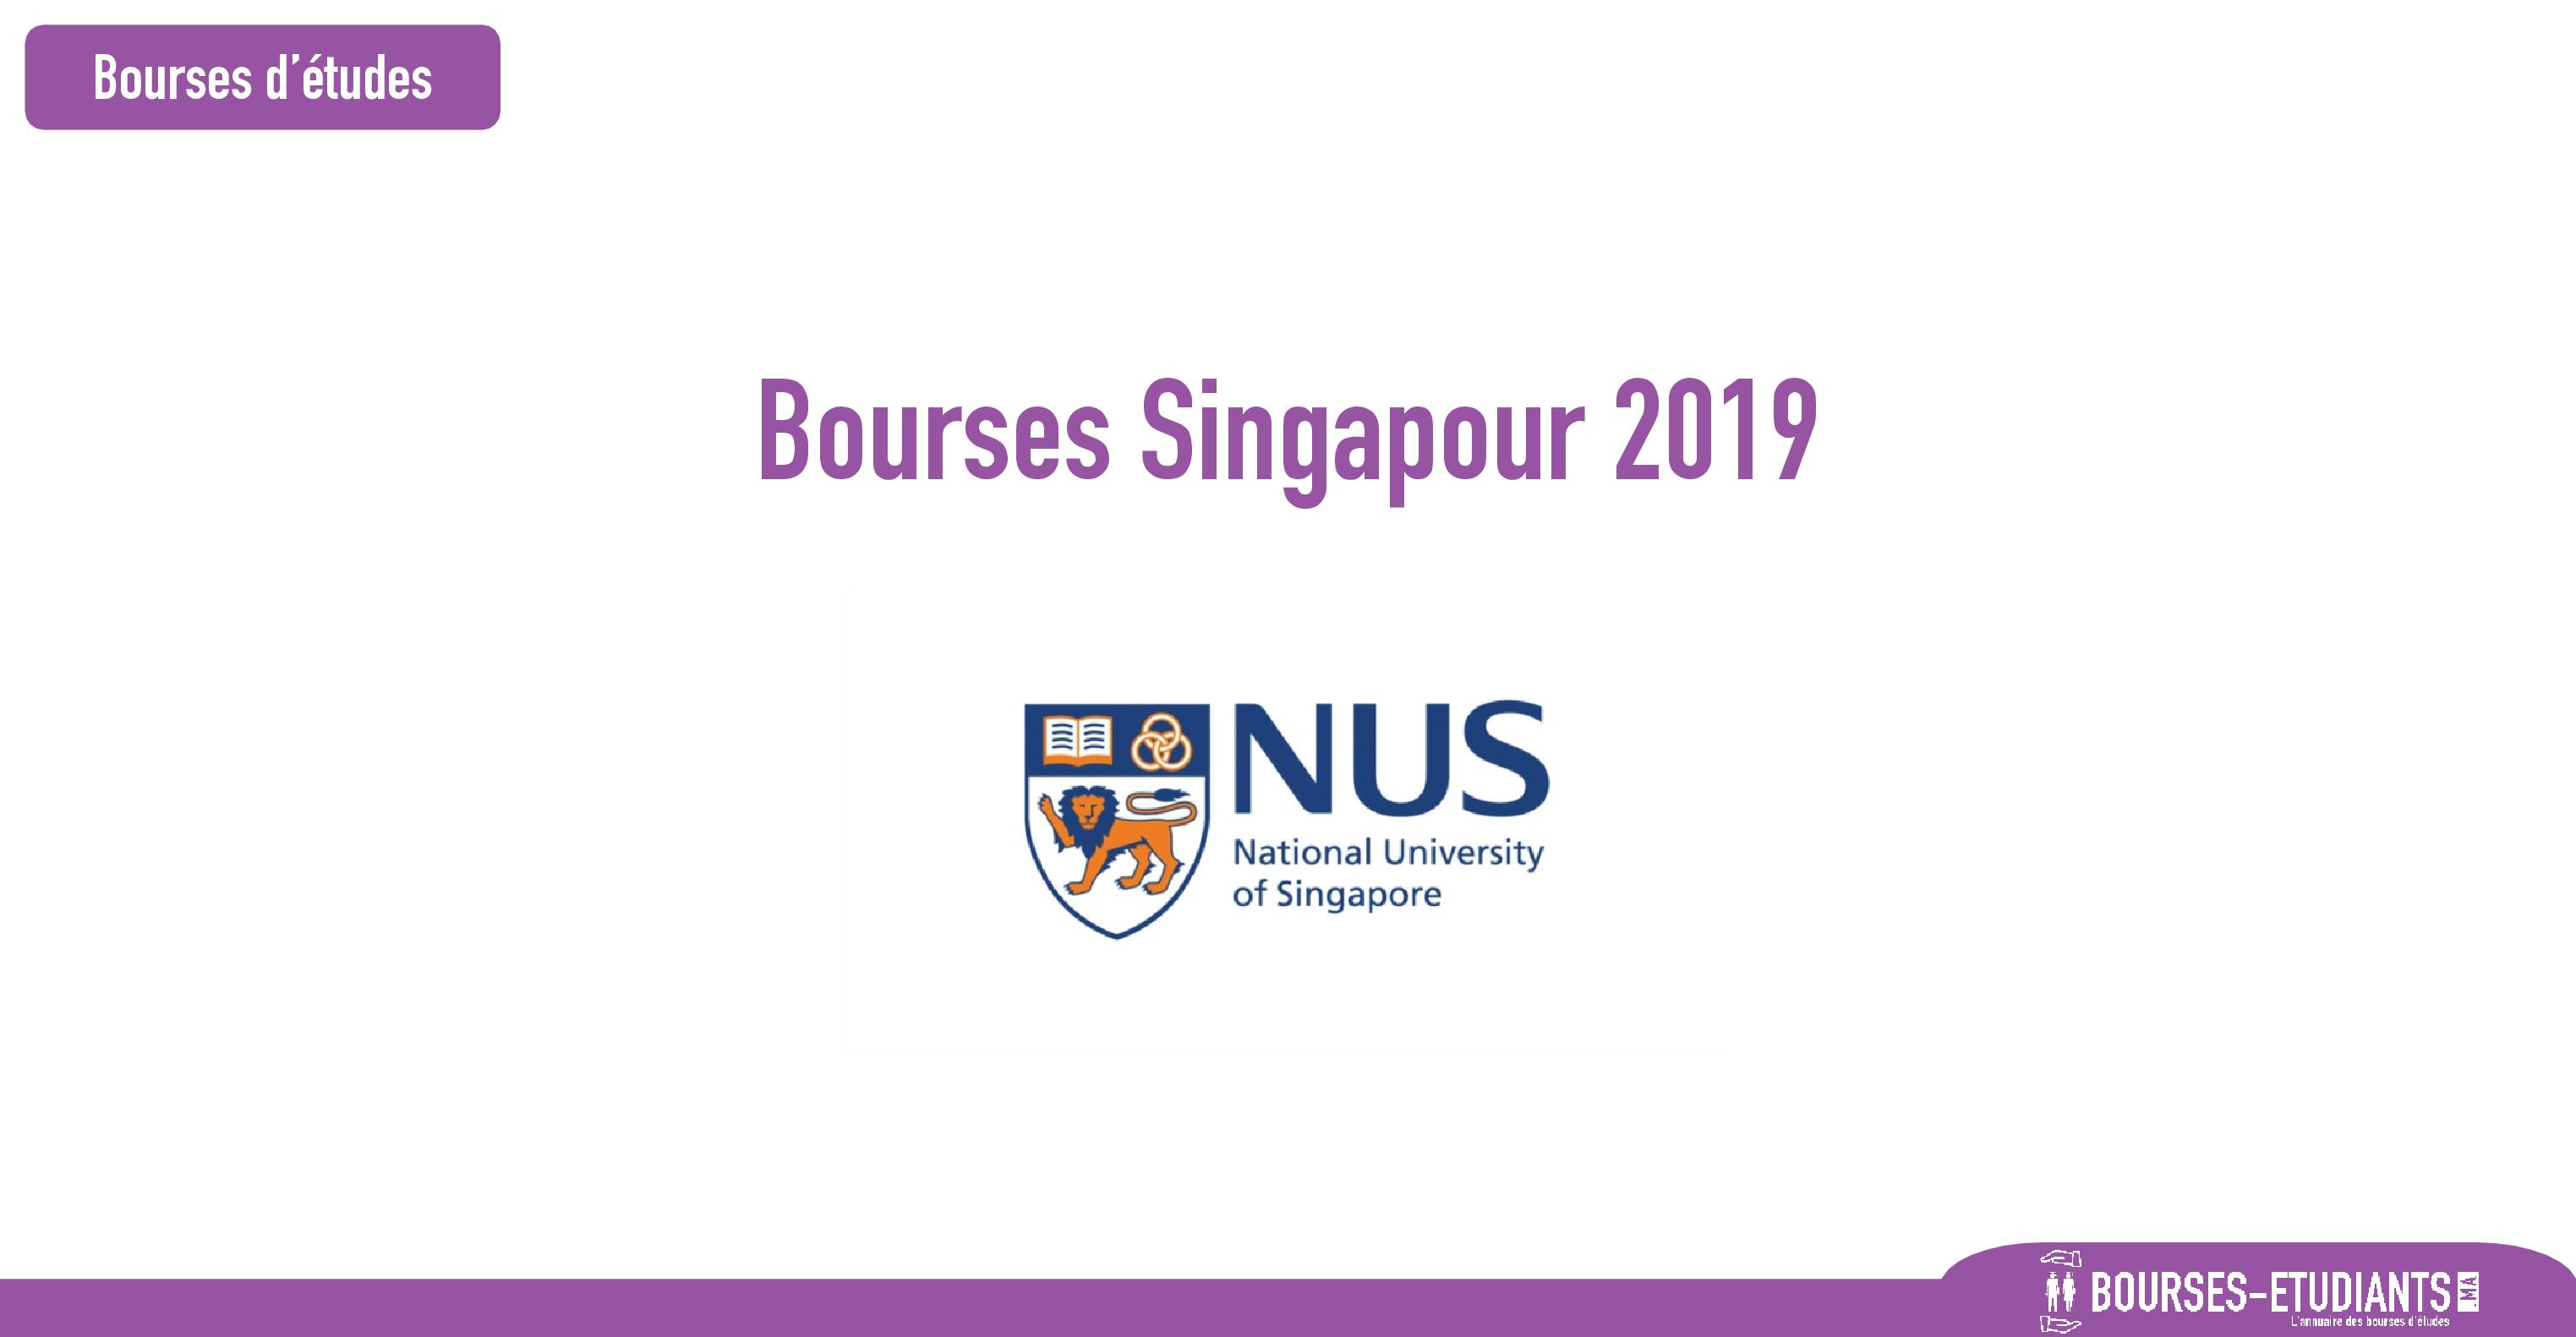 bourse National University of Singapore